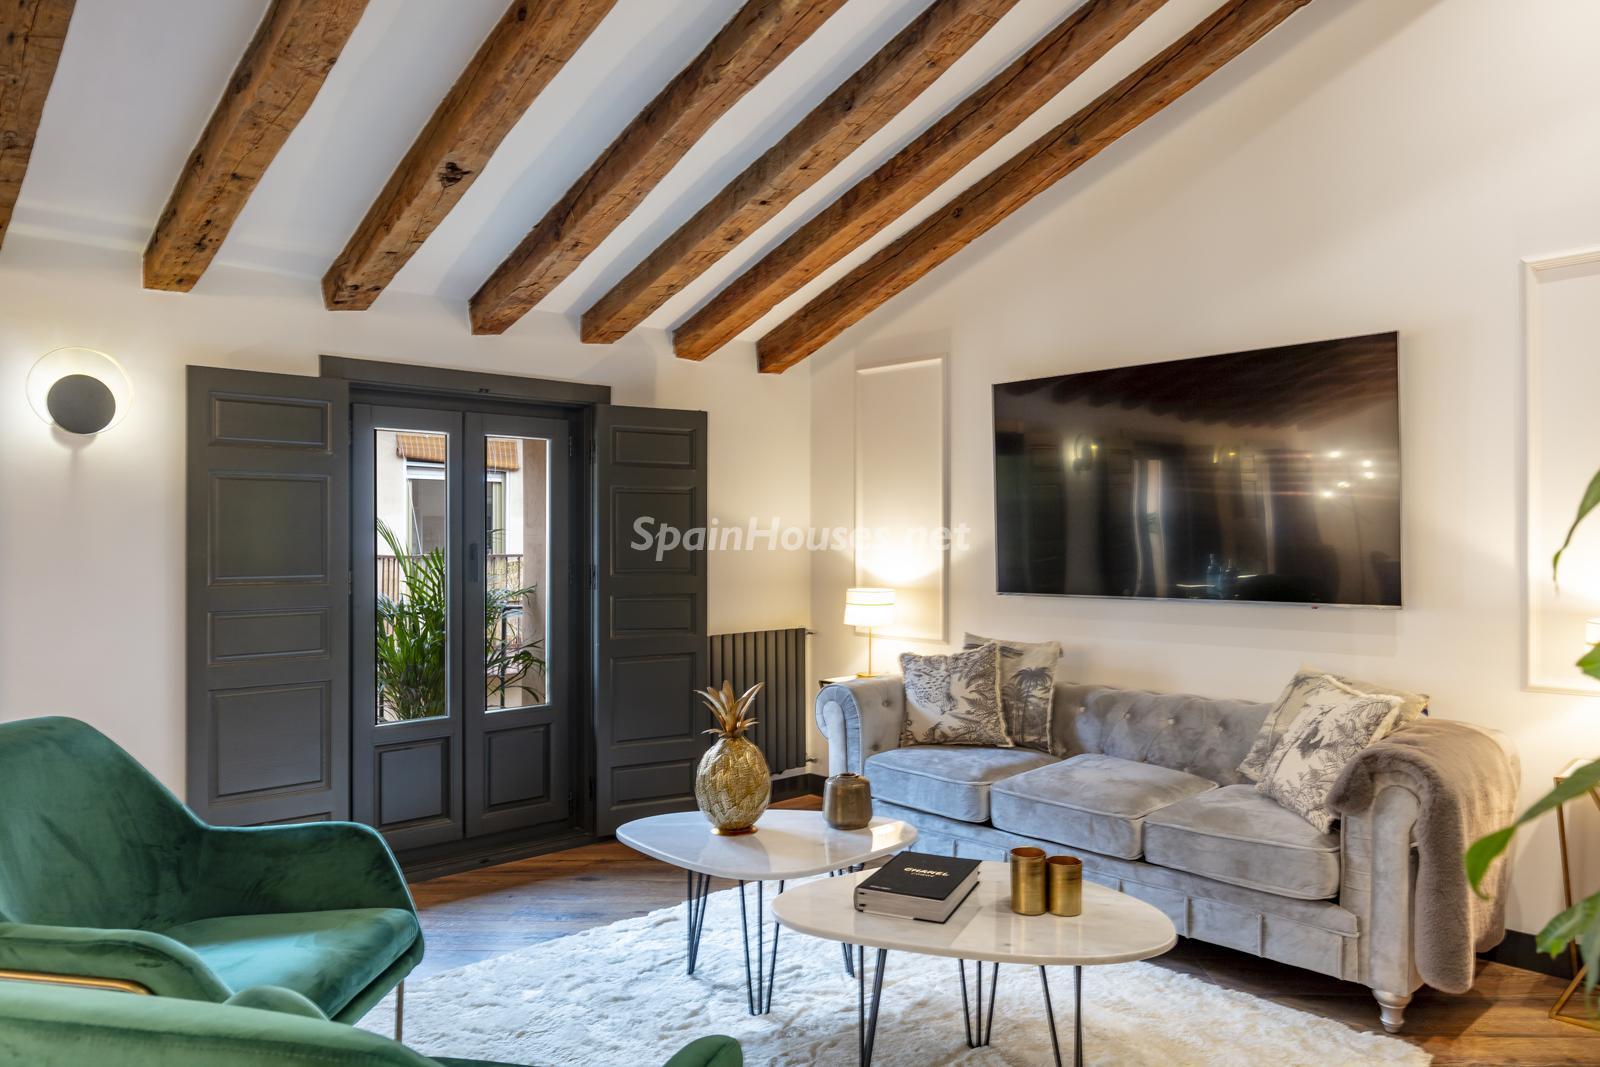 80012096 3159558 foto124728631 - Inspiración urbana y gran valor arquitectonico en este espectacular ático en Madrid